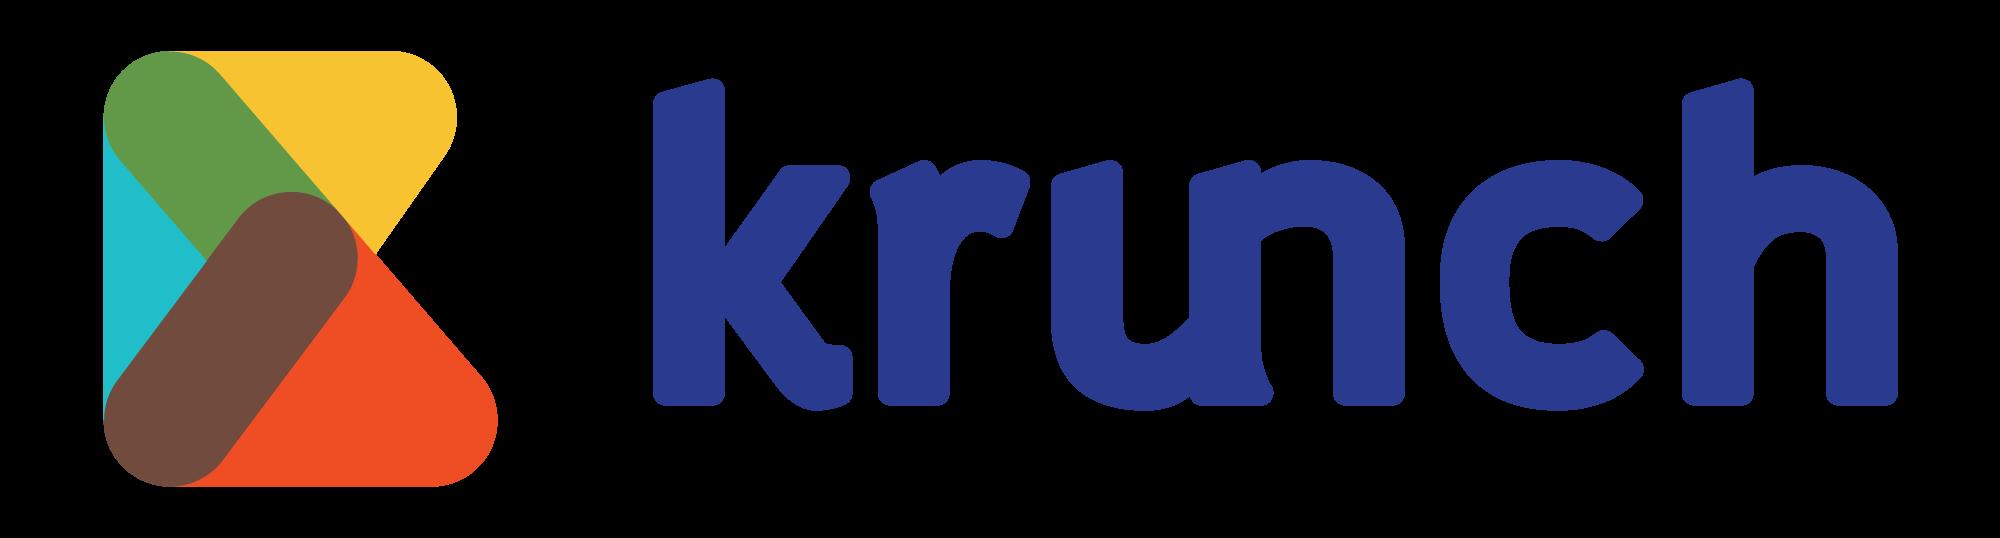 Krunch logo the developer community cockpit